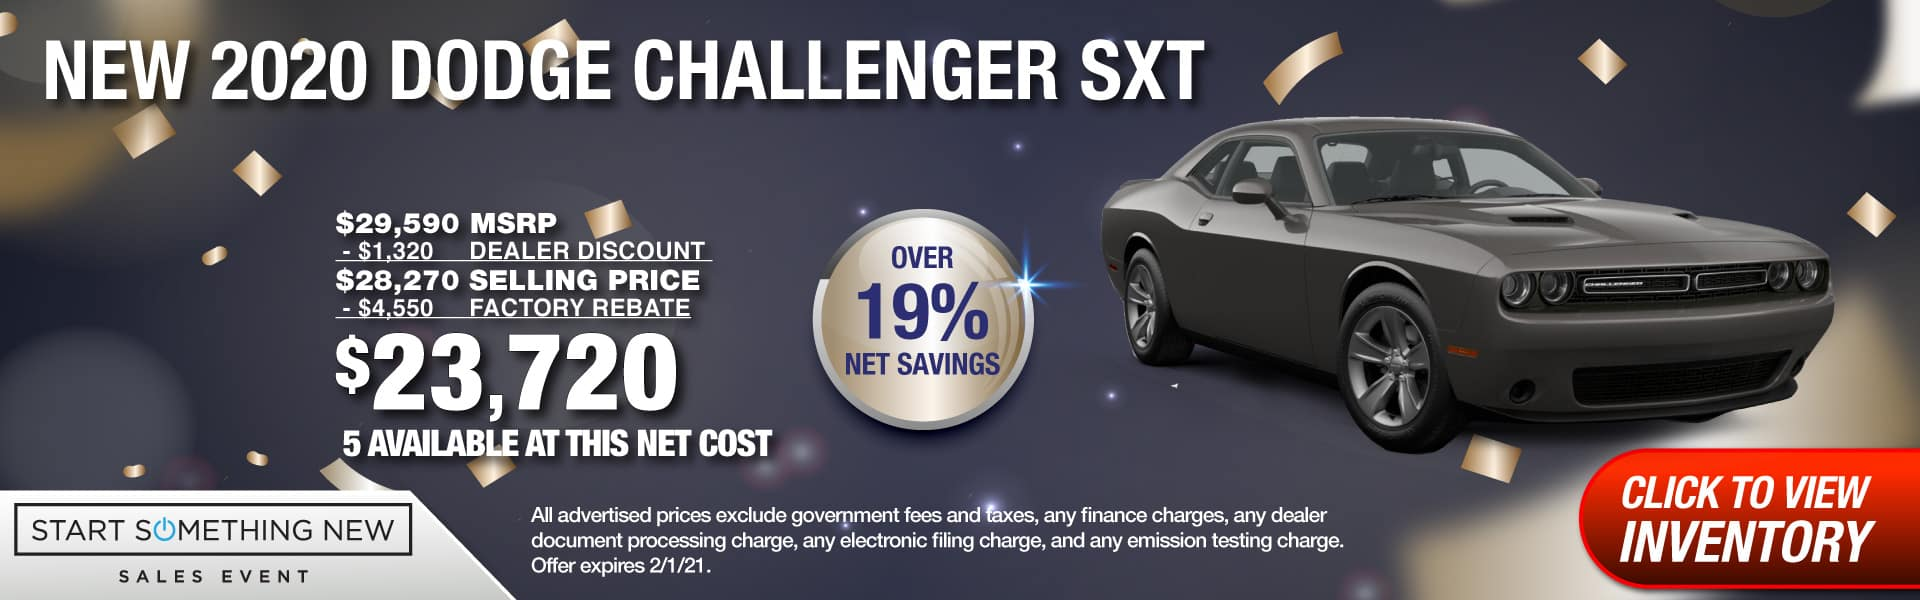 SD CDJR 1920px_Offers_Feb1_Challenger_SXT